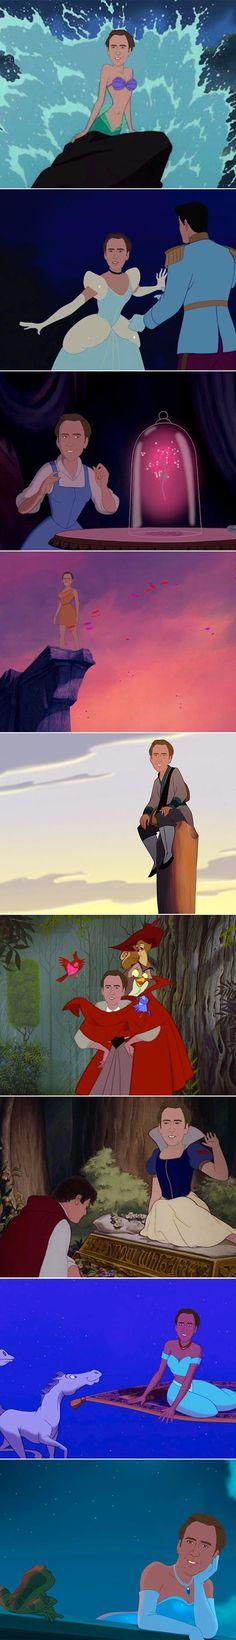 Princess Nicolas Cage ㅋㅋㅋㅋㅋ